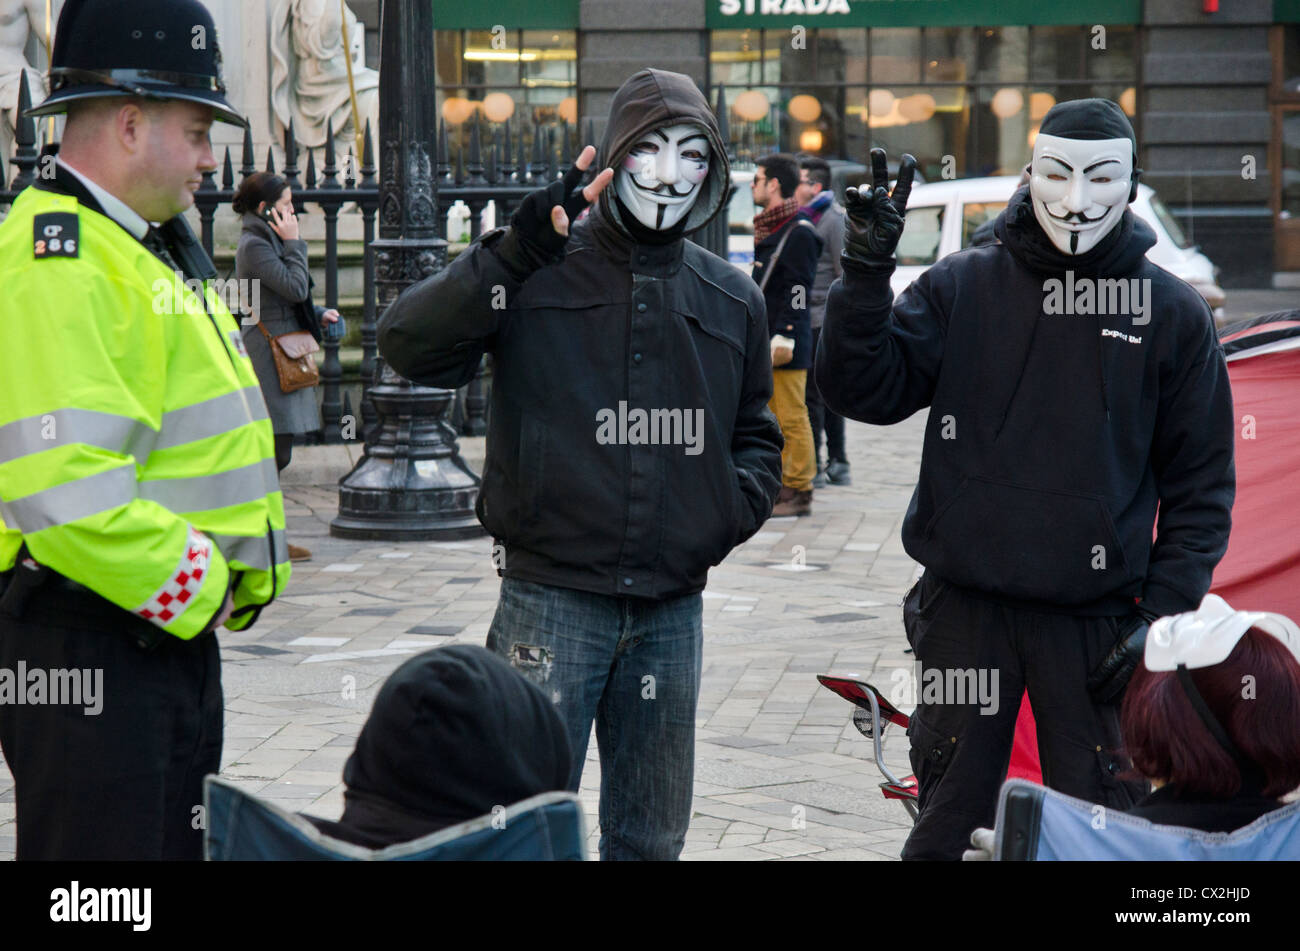 La Catedral de St Paul POLICÍA JUNTO A manifestante contra el capitalismo Imagen De Stock